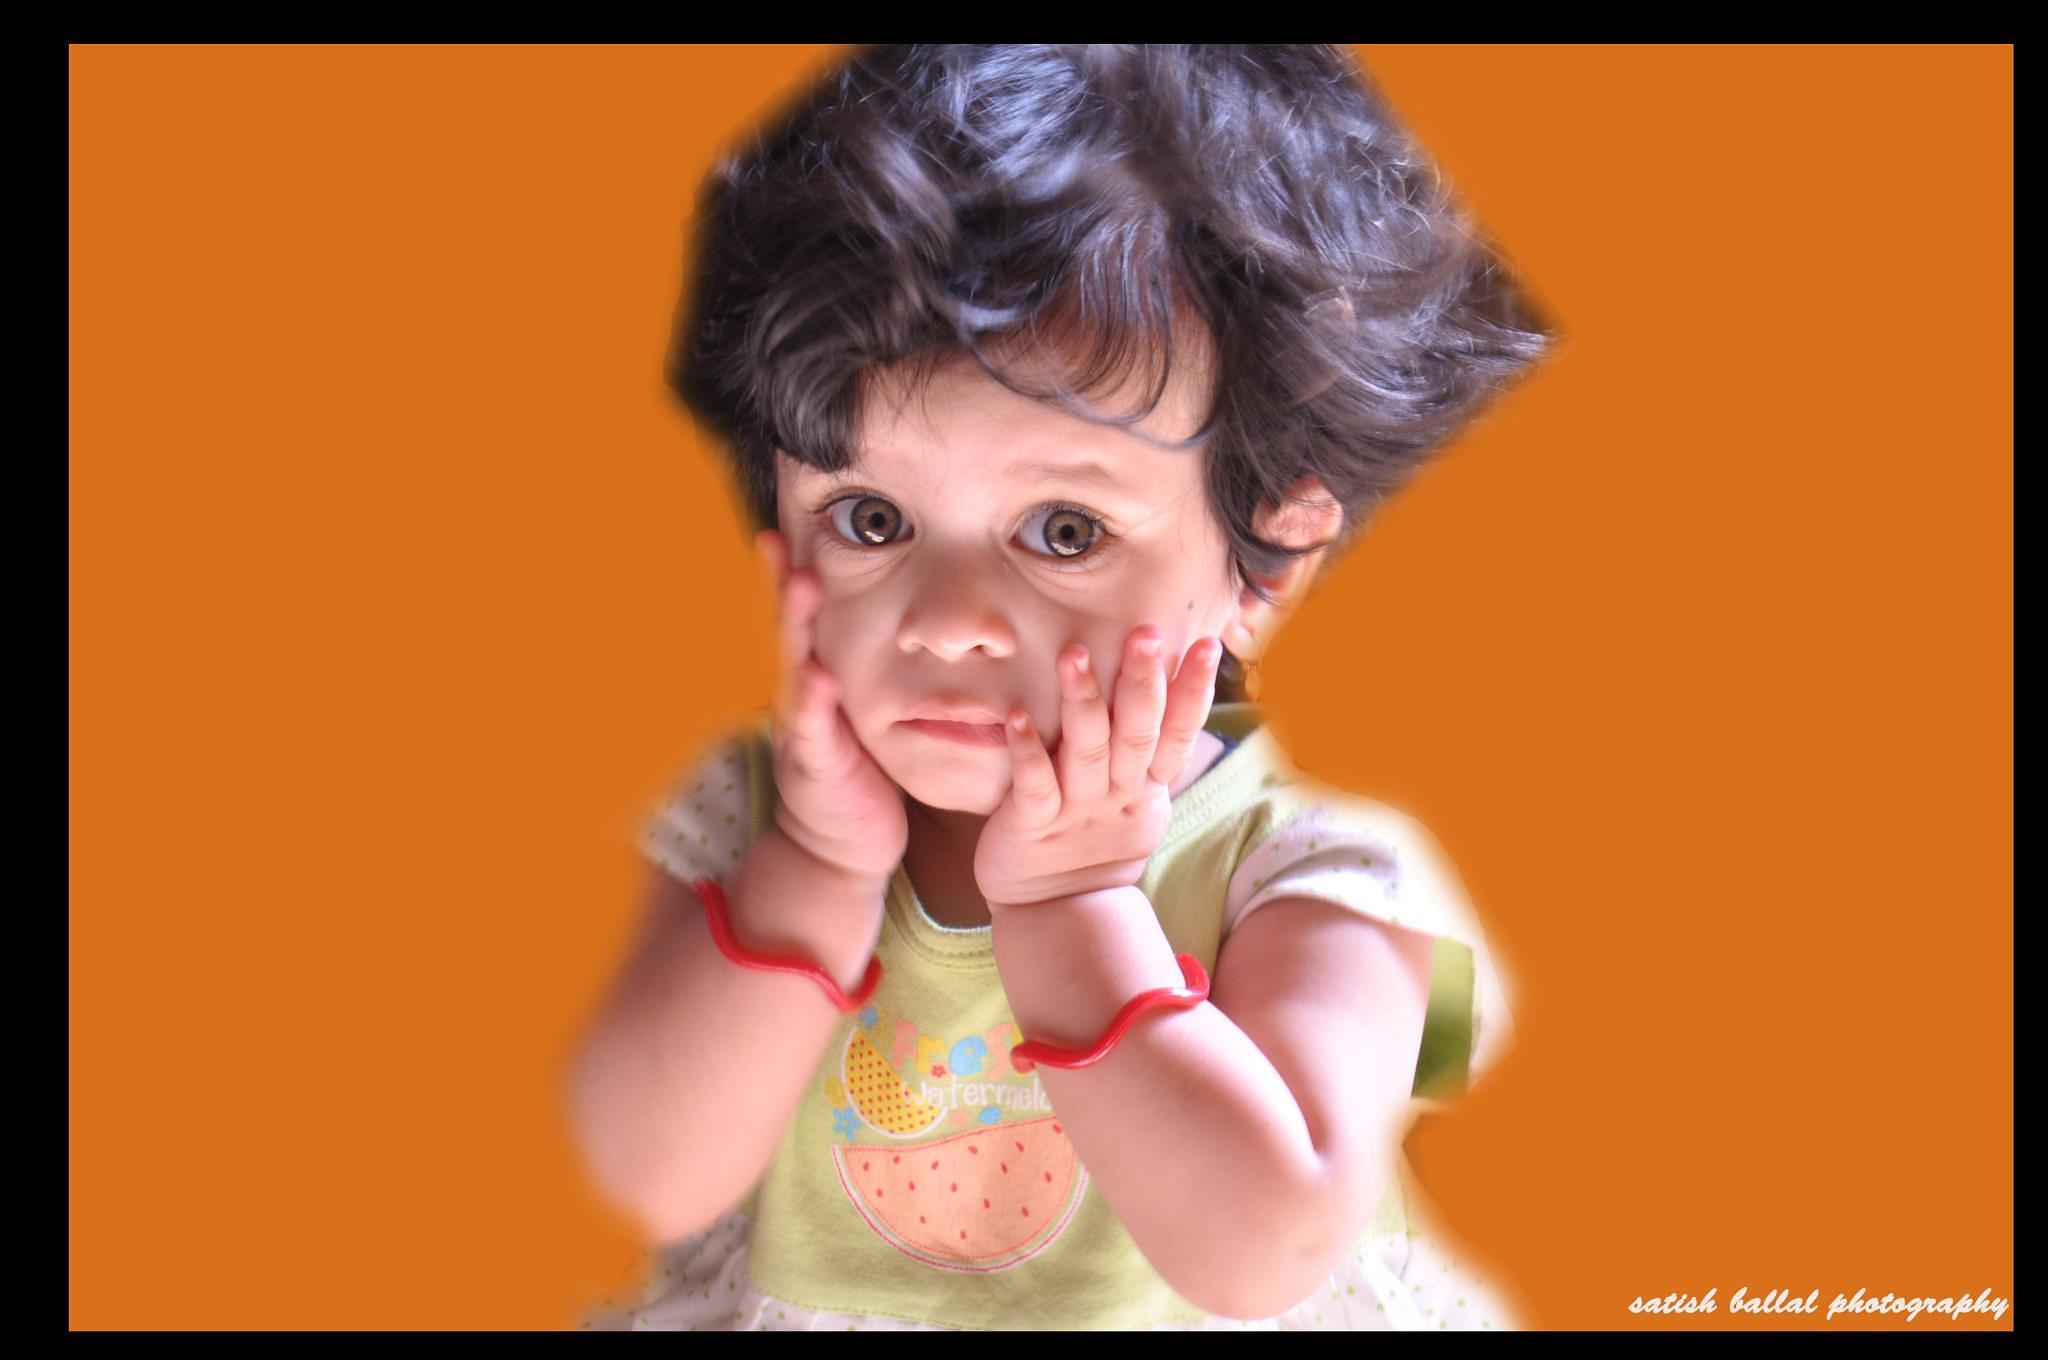 cutie by satish.ballal